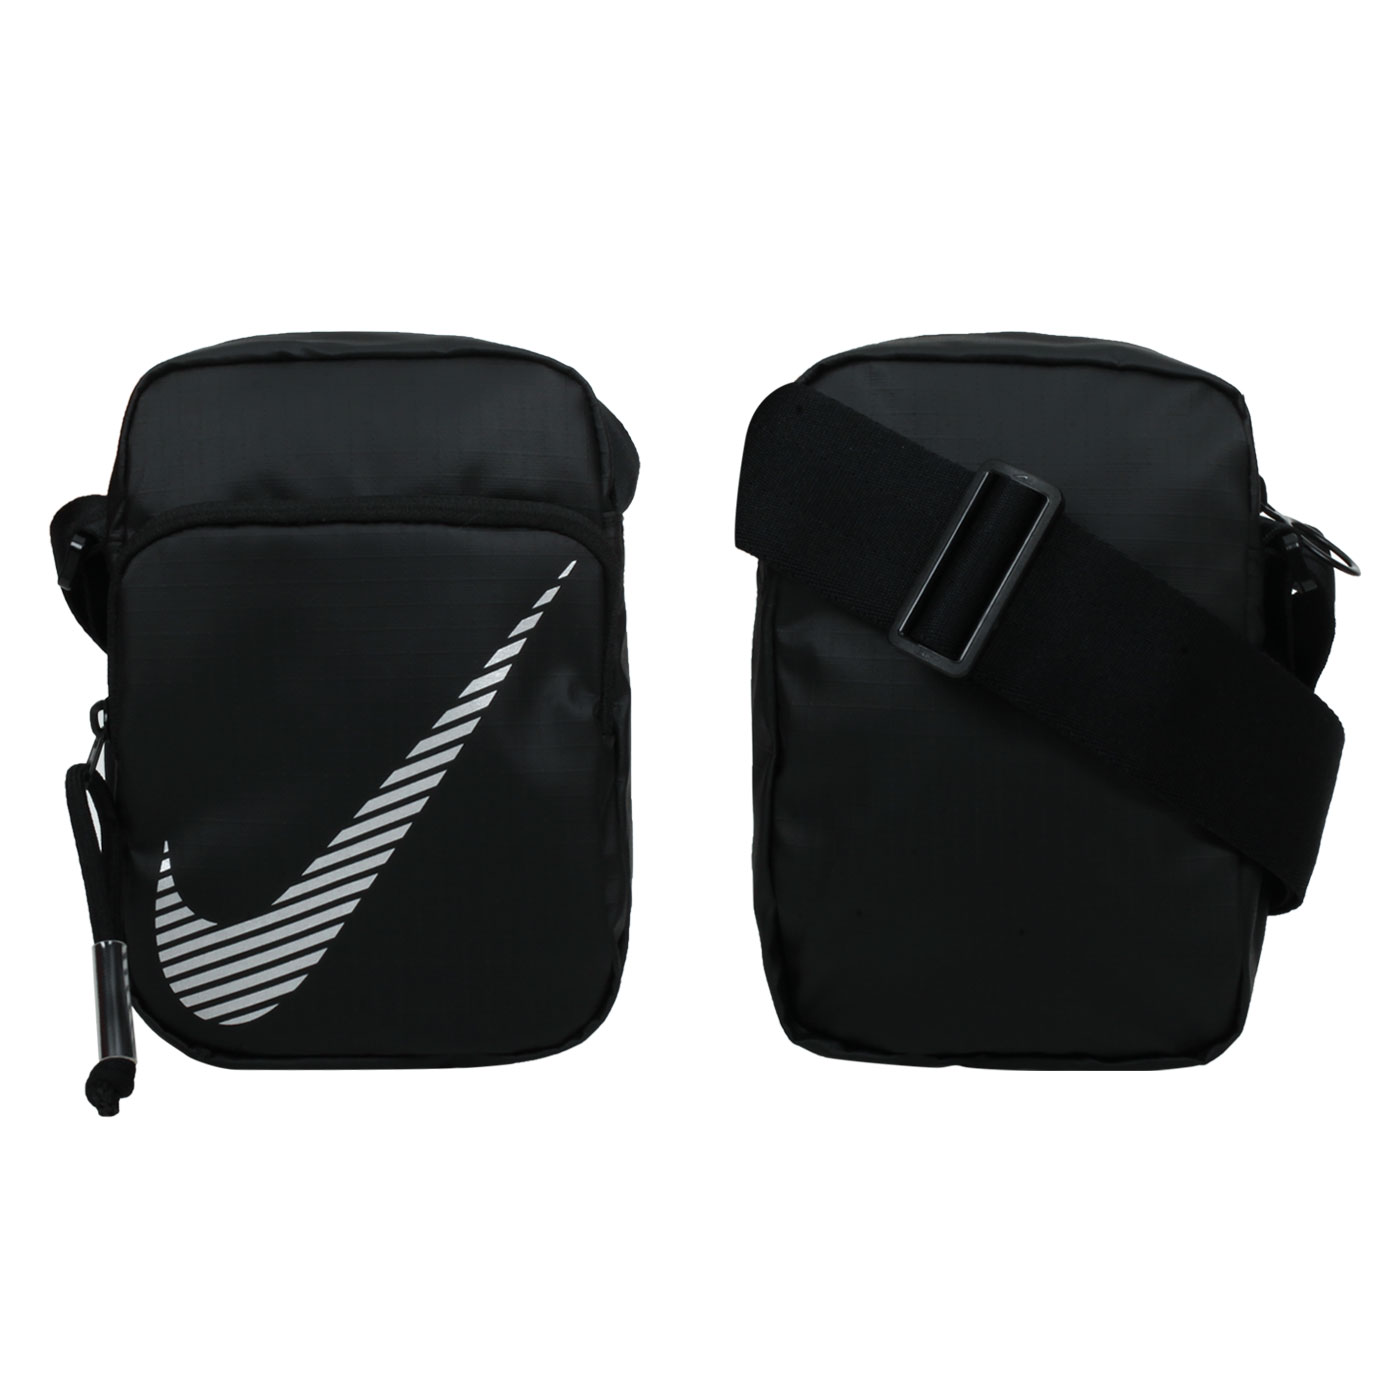 NIKE 小型側背包 DB4696-010 - 黑白